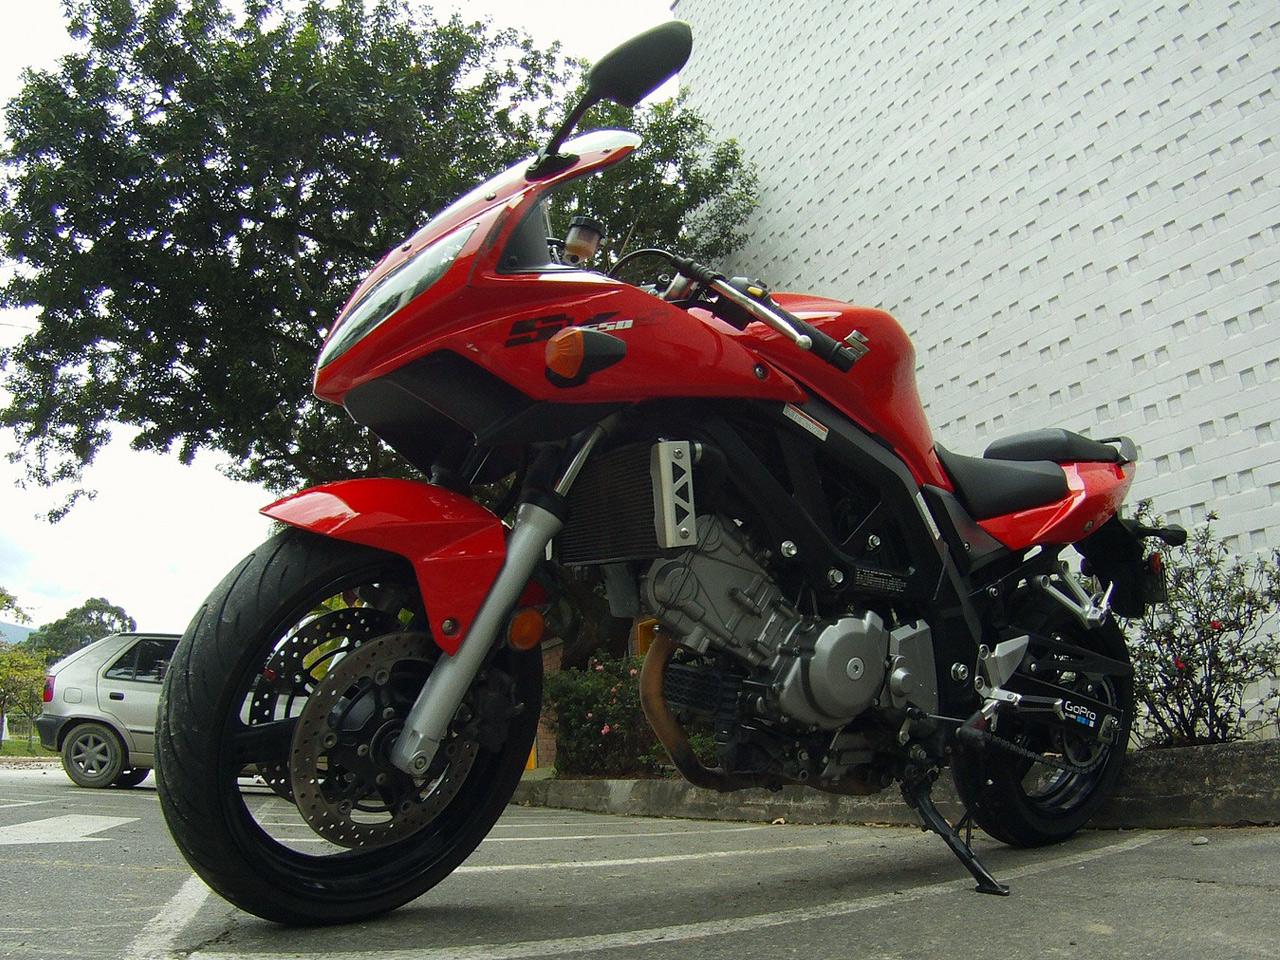 Suzuki Motorcycle Pictures | View our Gallery of Suzuki